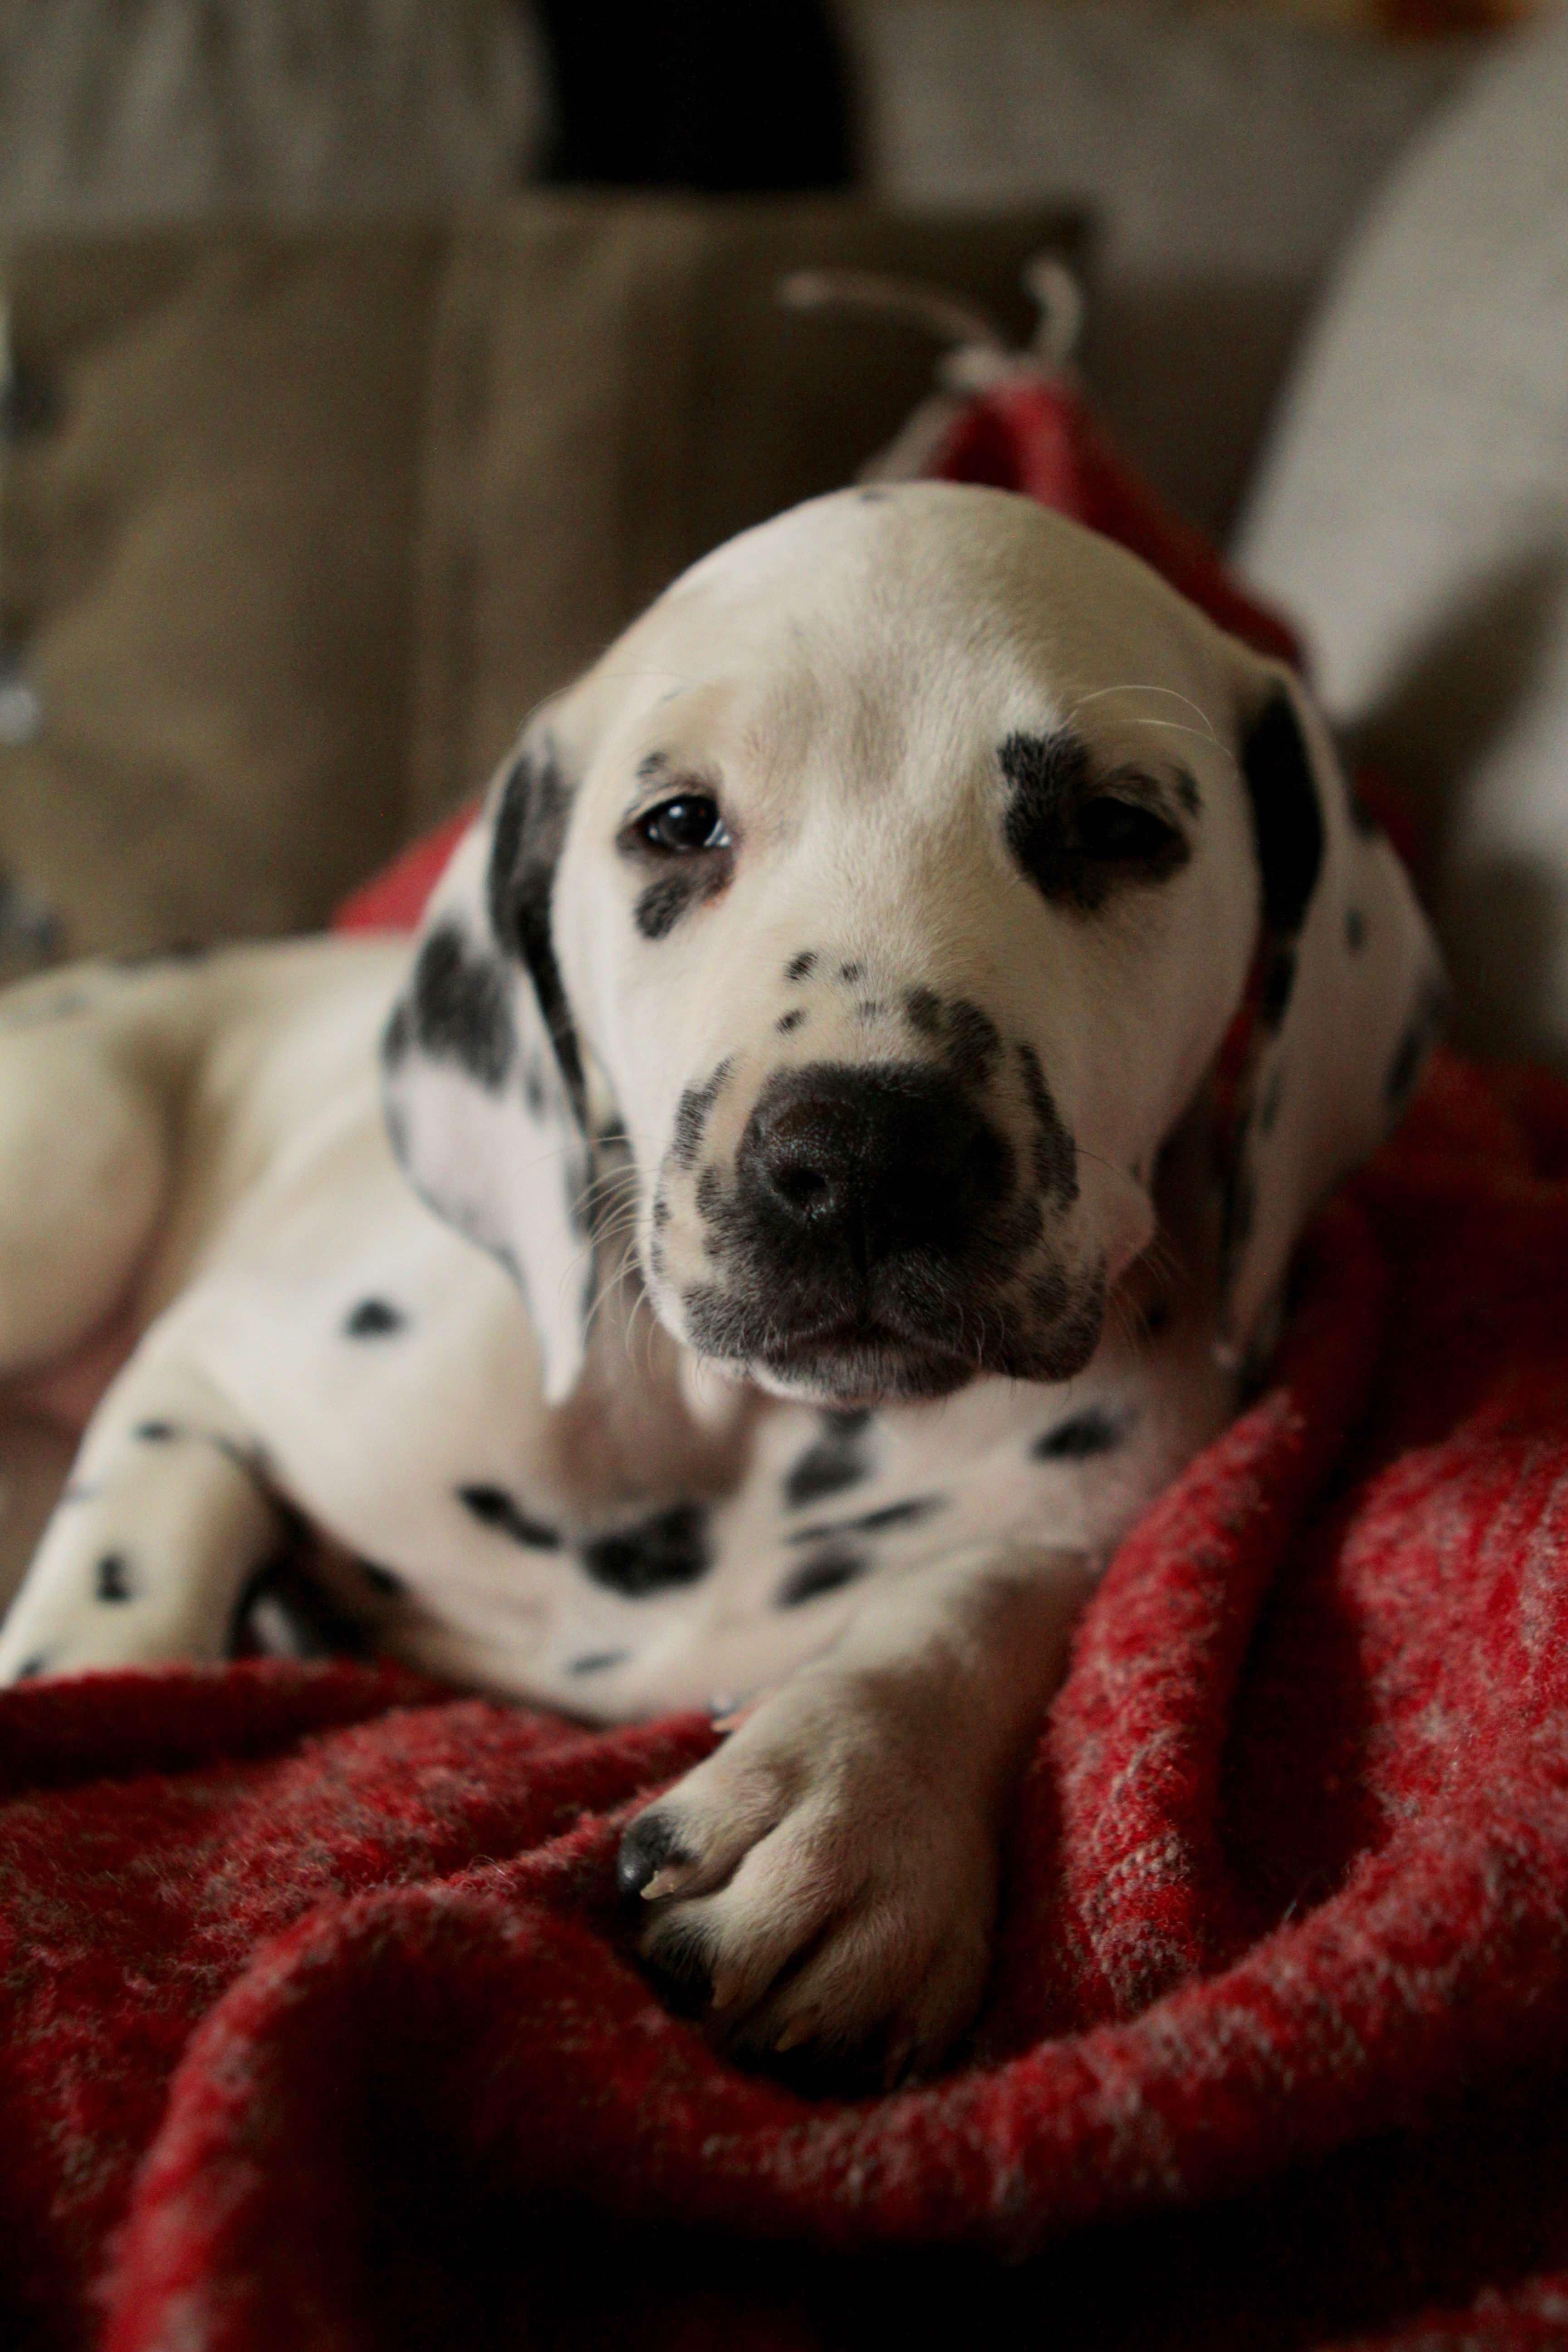 dalmatian puppy, sleeping puppy, puppy, dalmatian, dalmatialainen, koiranpentu, pentukoira, dog, small dog, dalmatialaisen pentuja, coastal Dalmatians